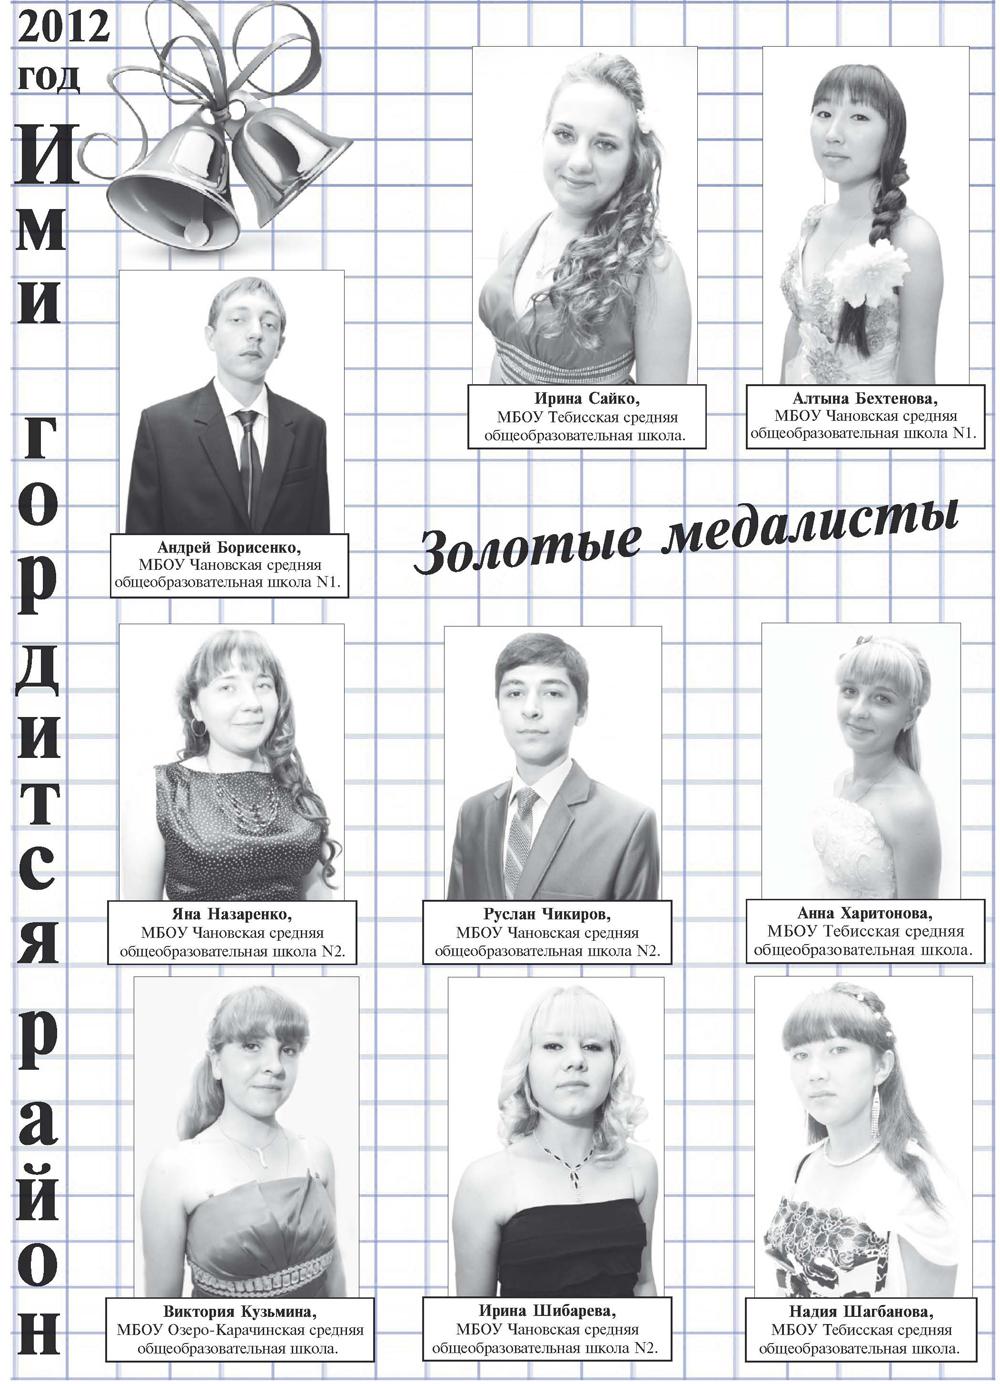 медалисты - 2012